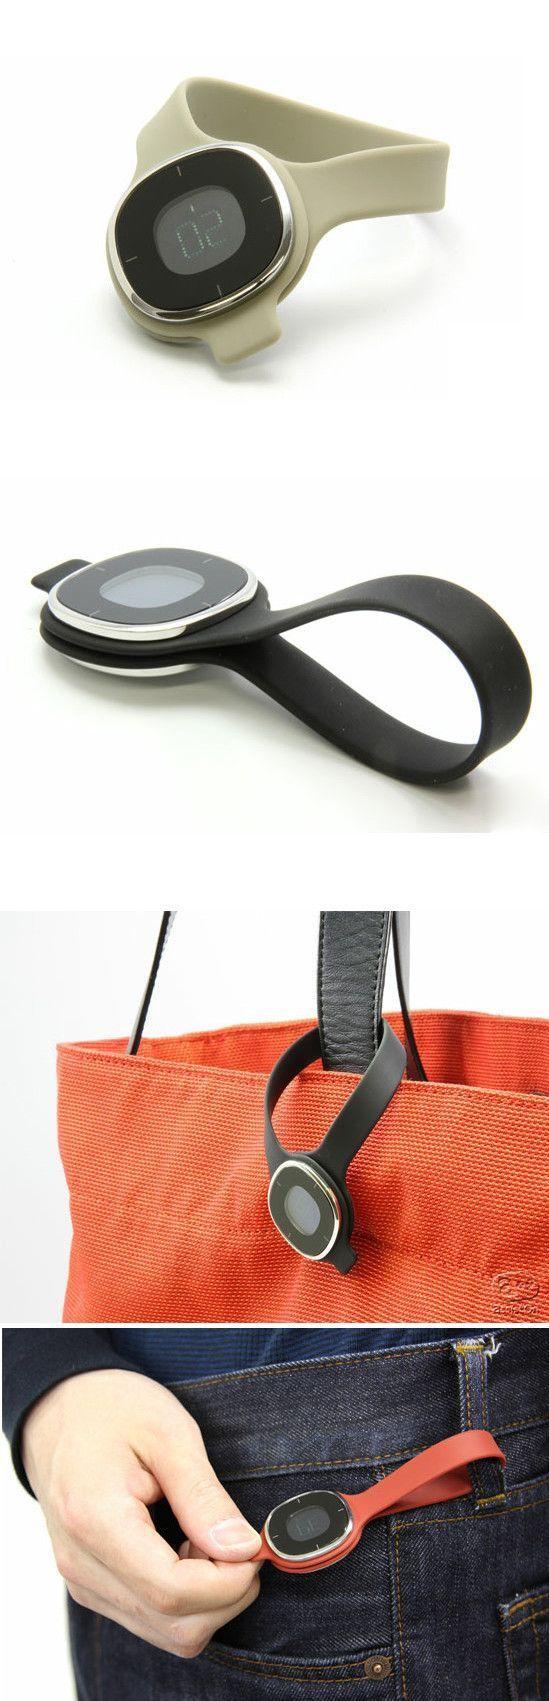 柴田文江デザインの腕時計